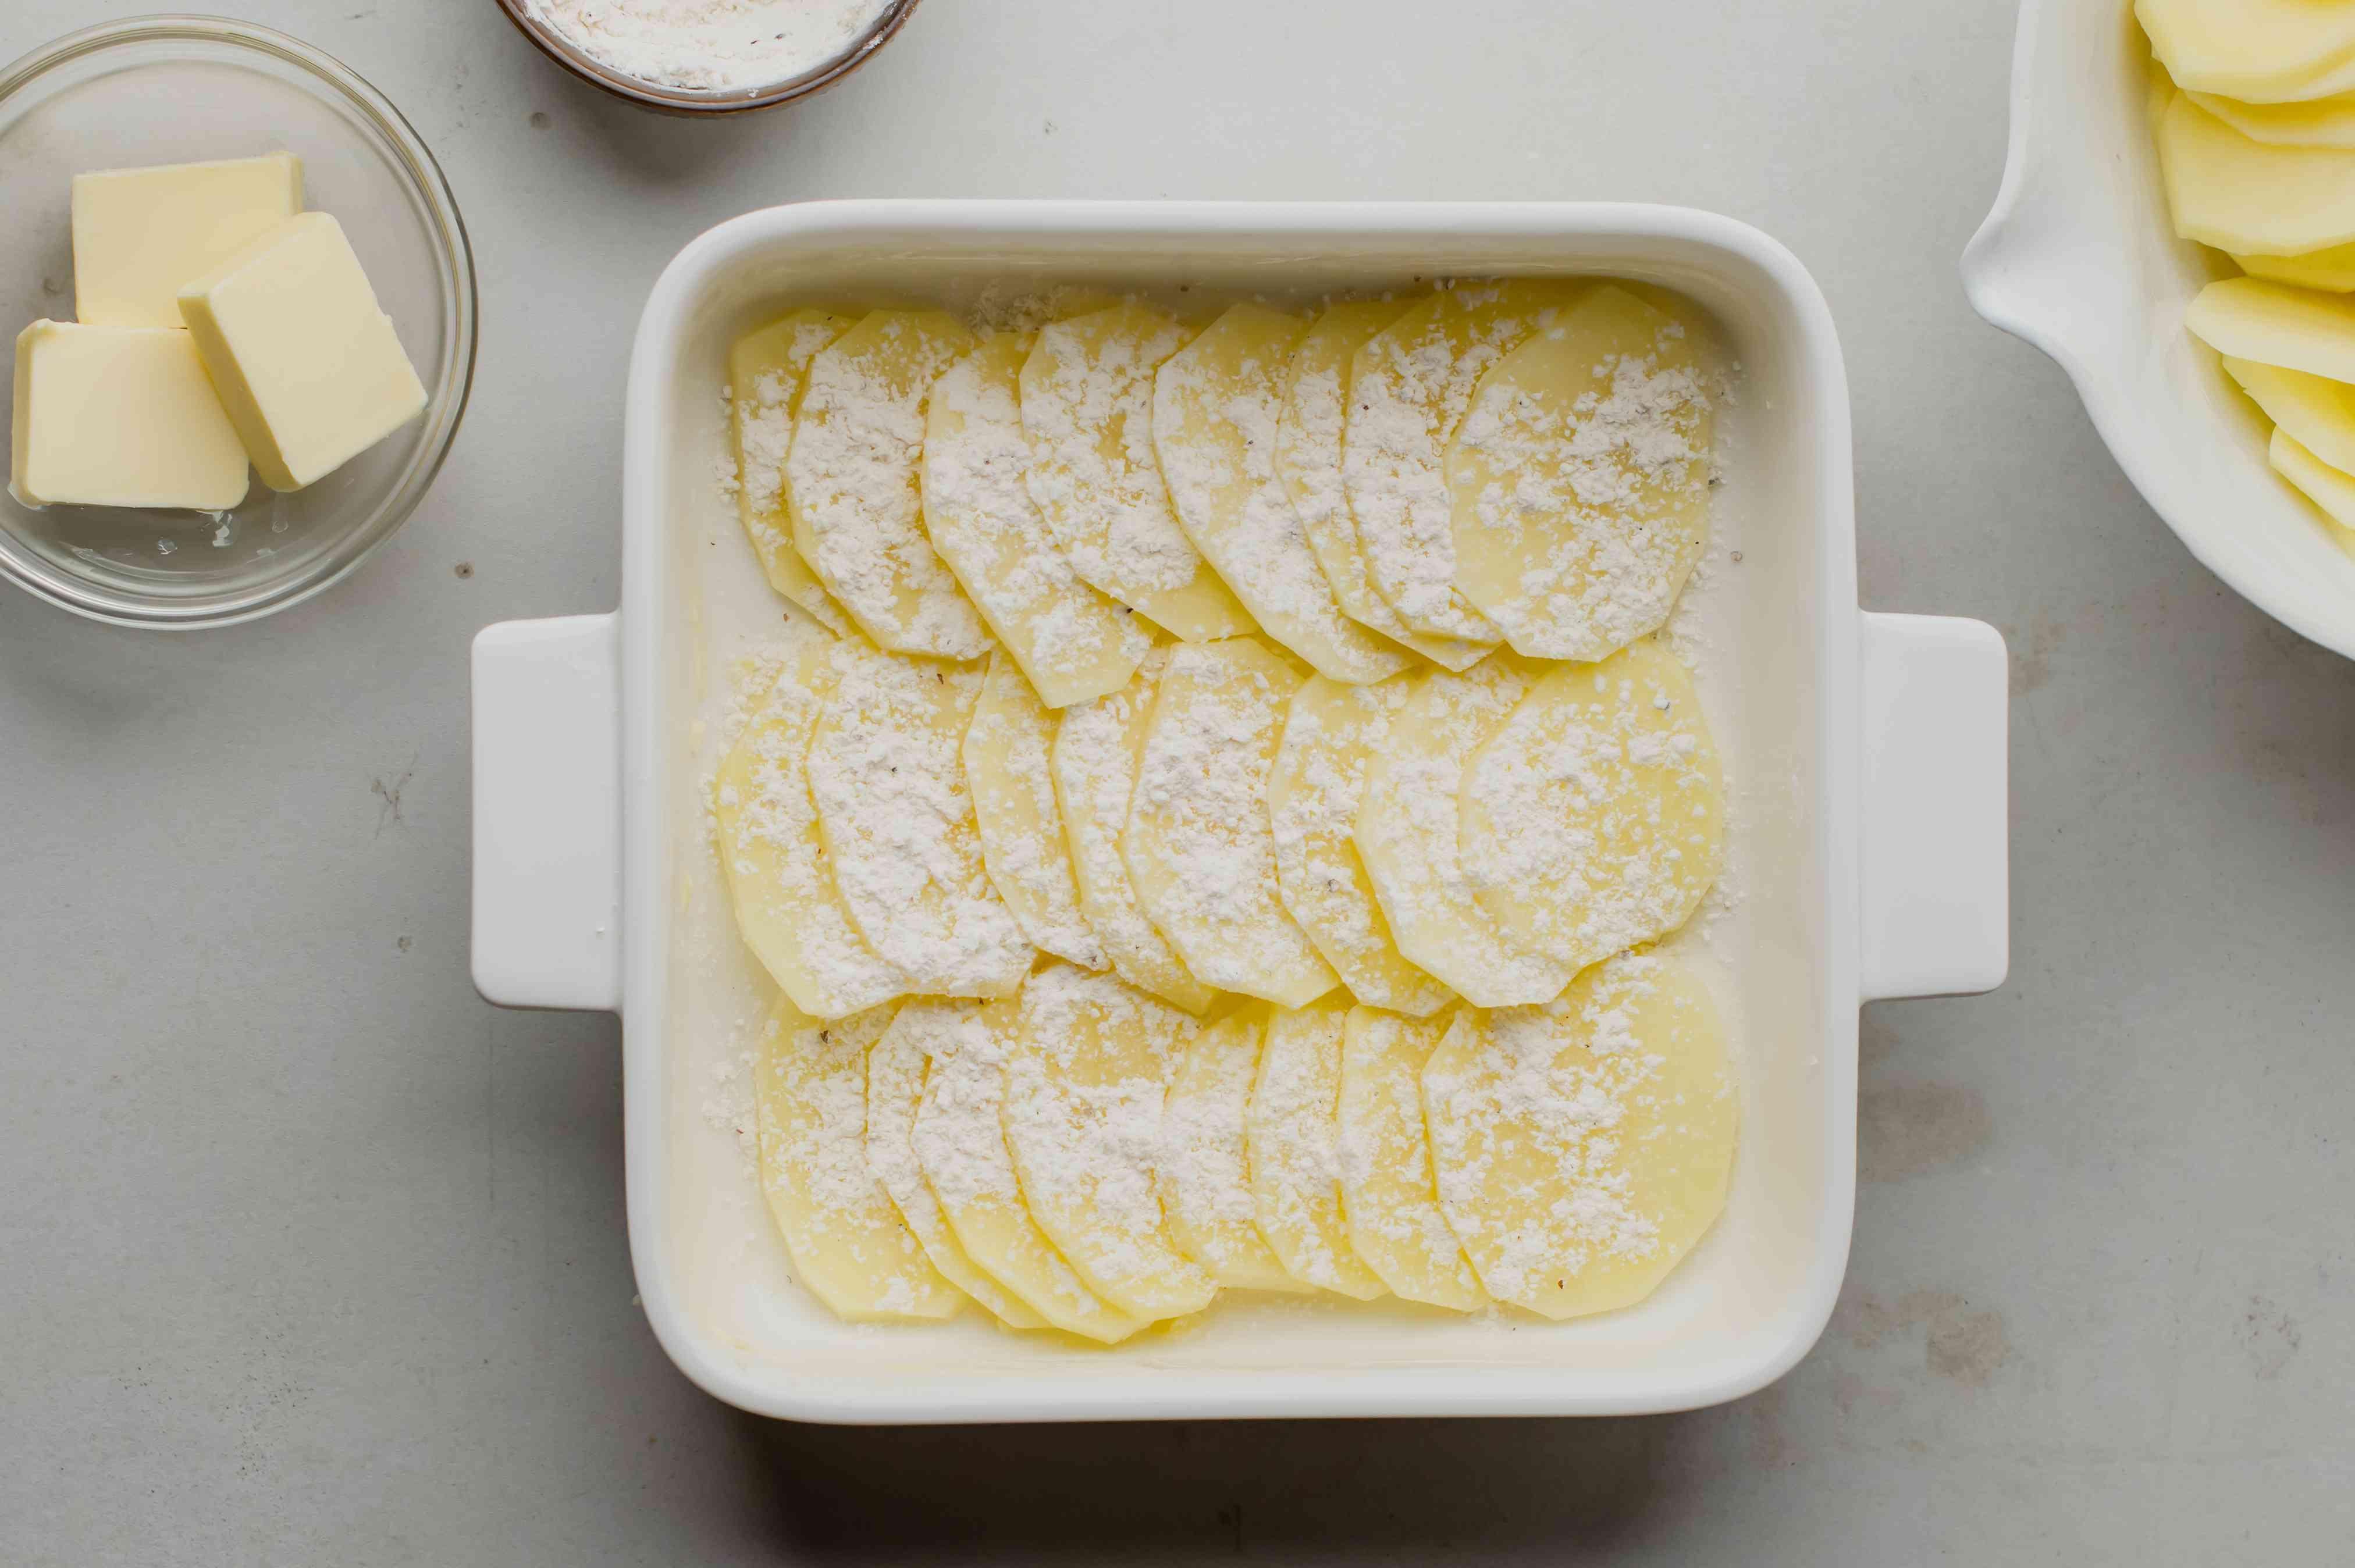 Flour on potatoes